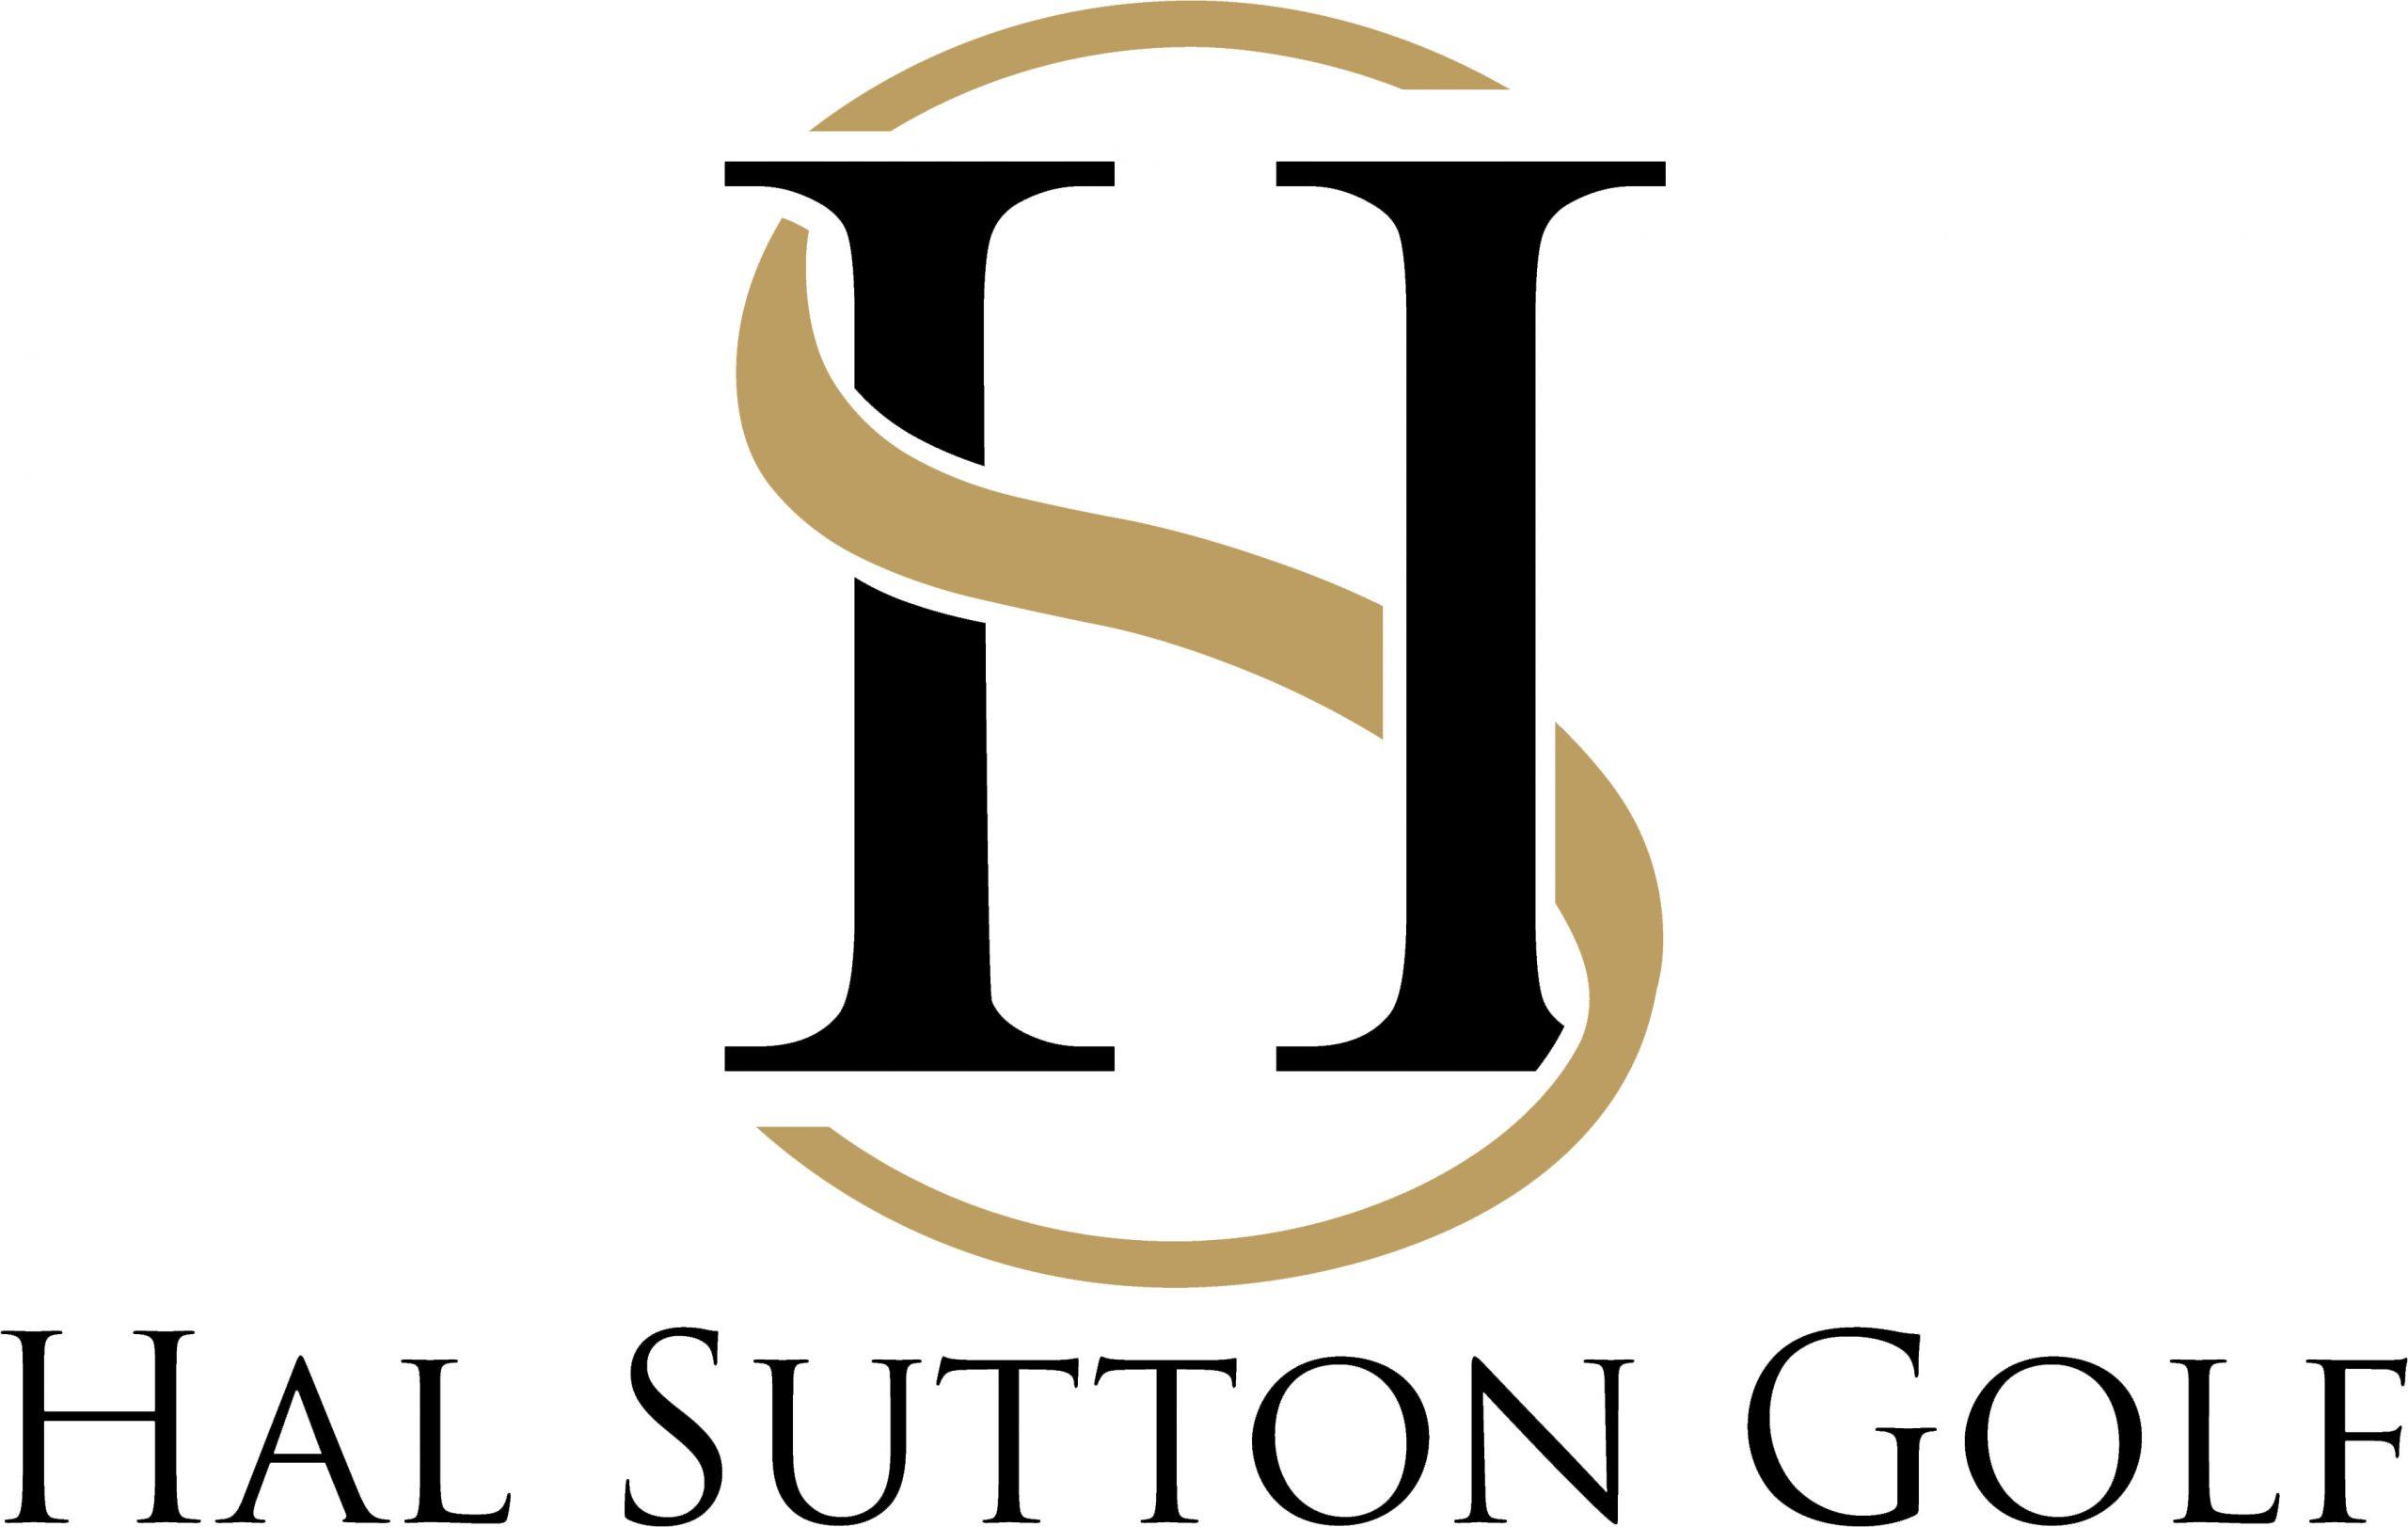 Hal Sutton Golf